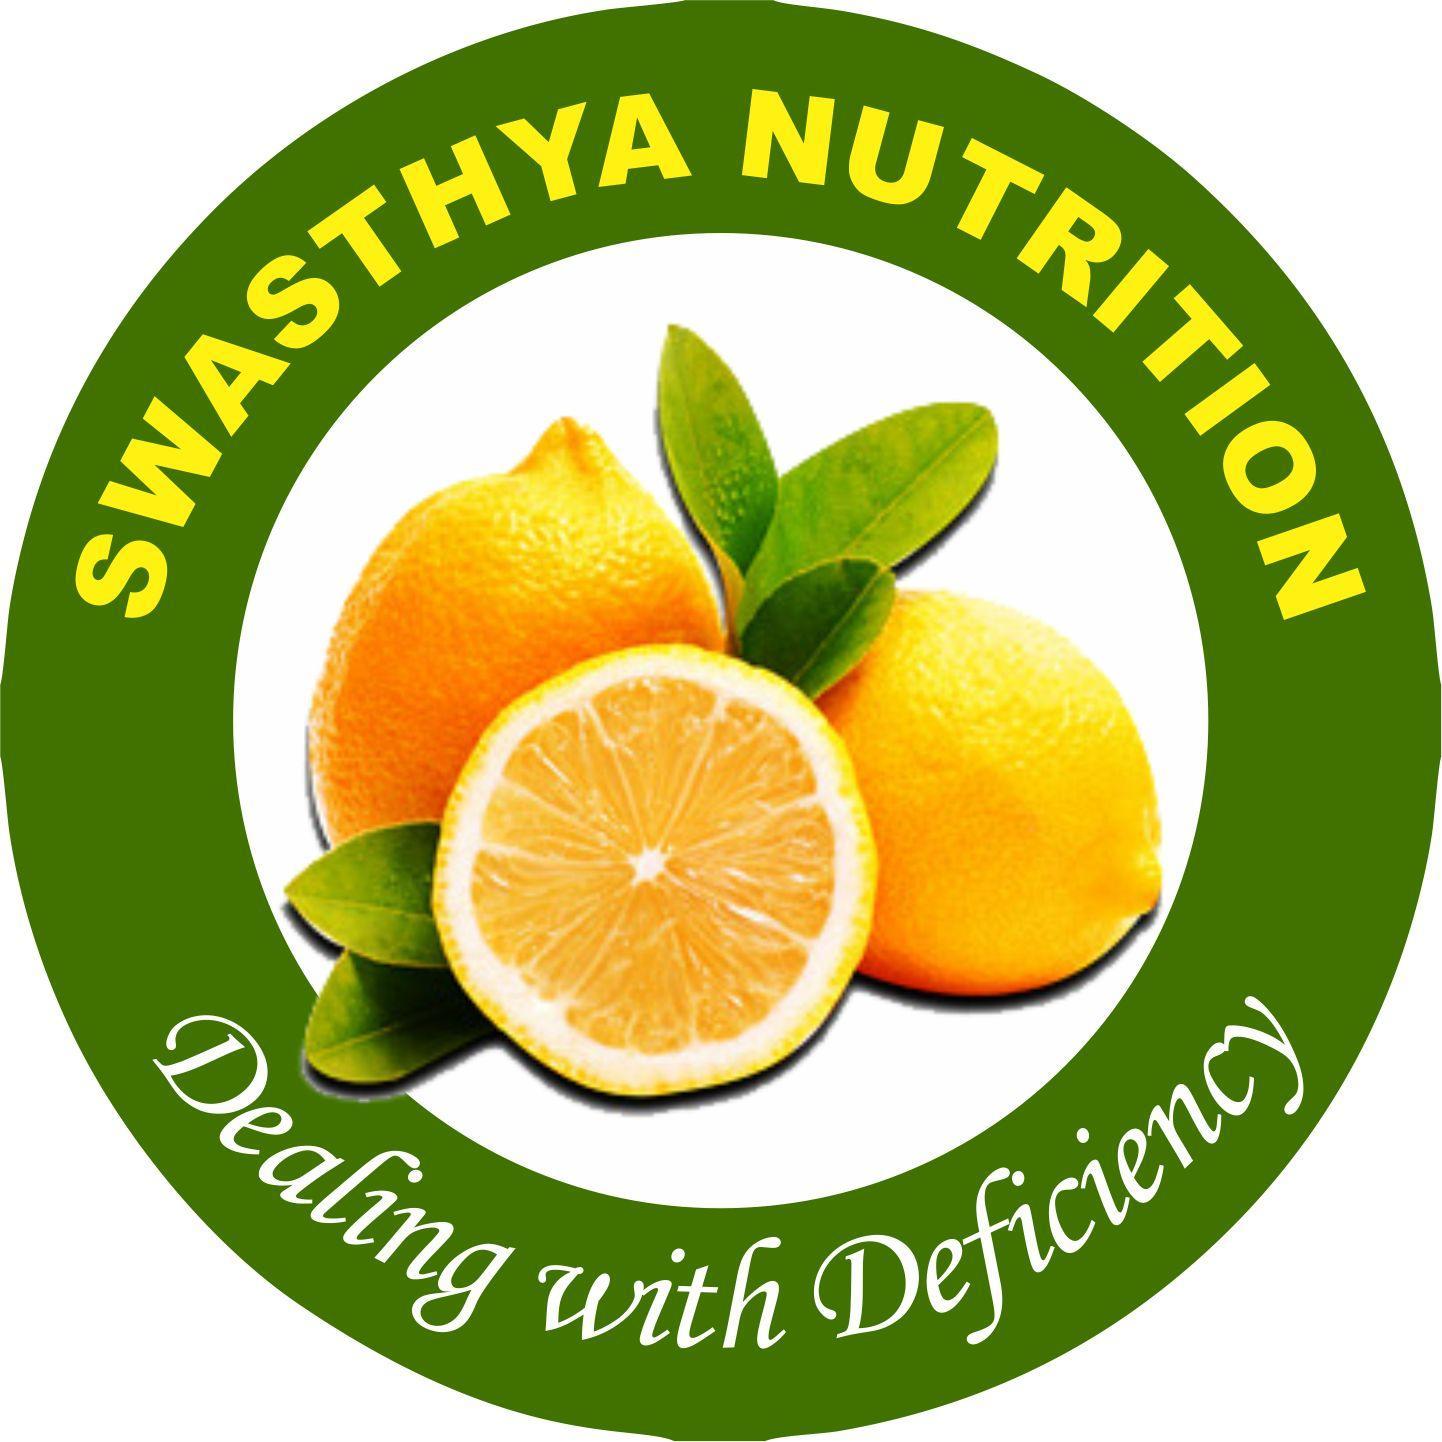 Swasthya Nutrition